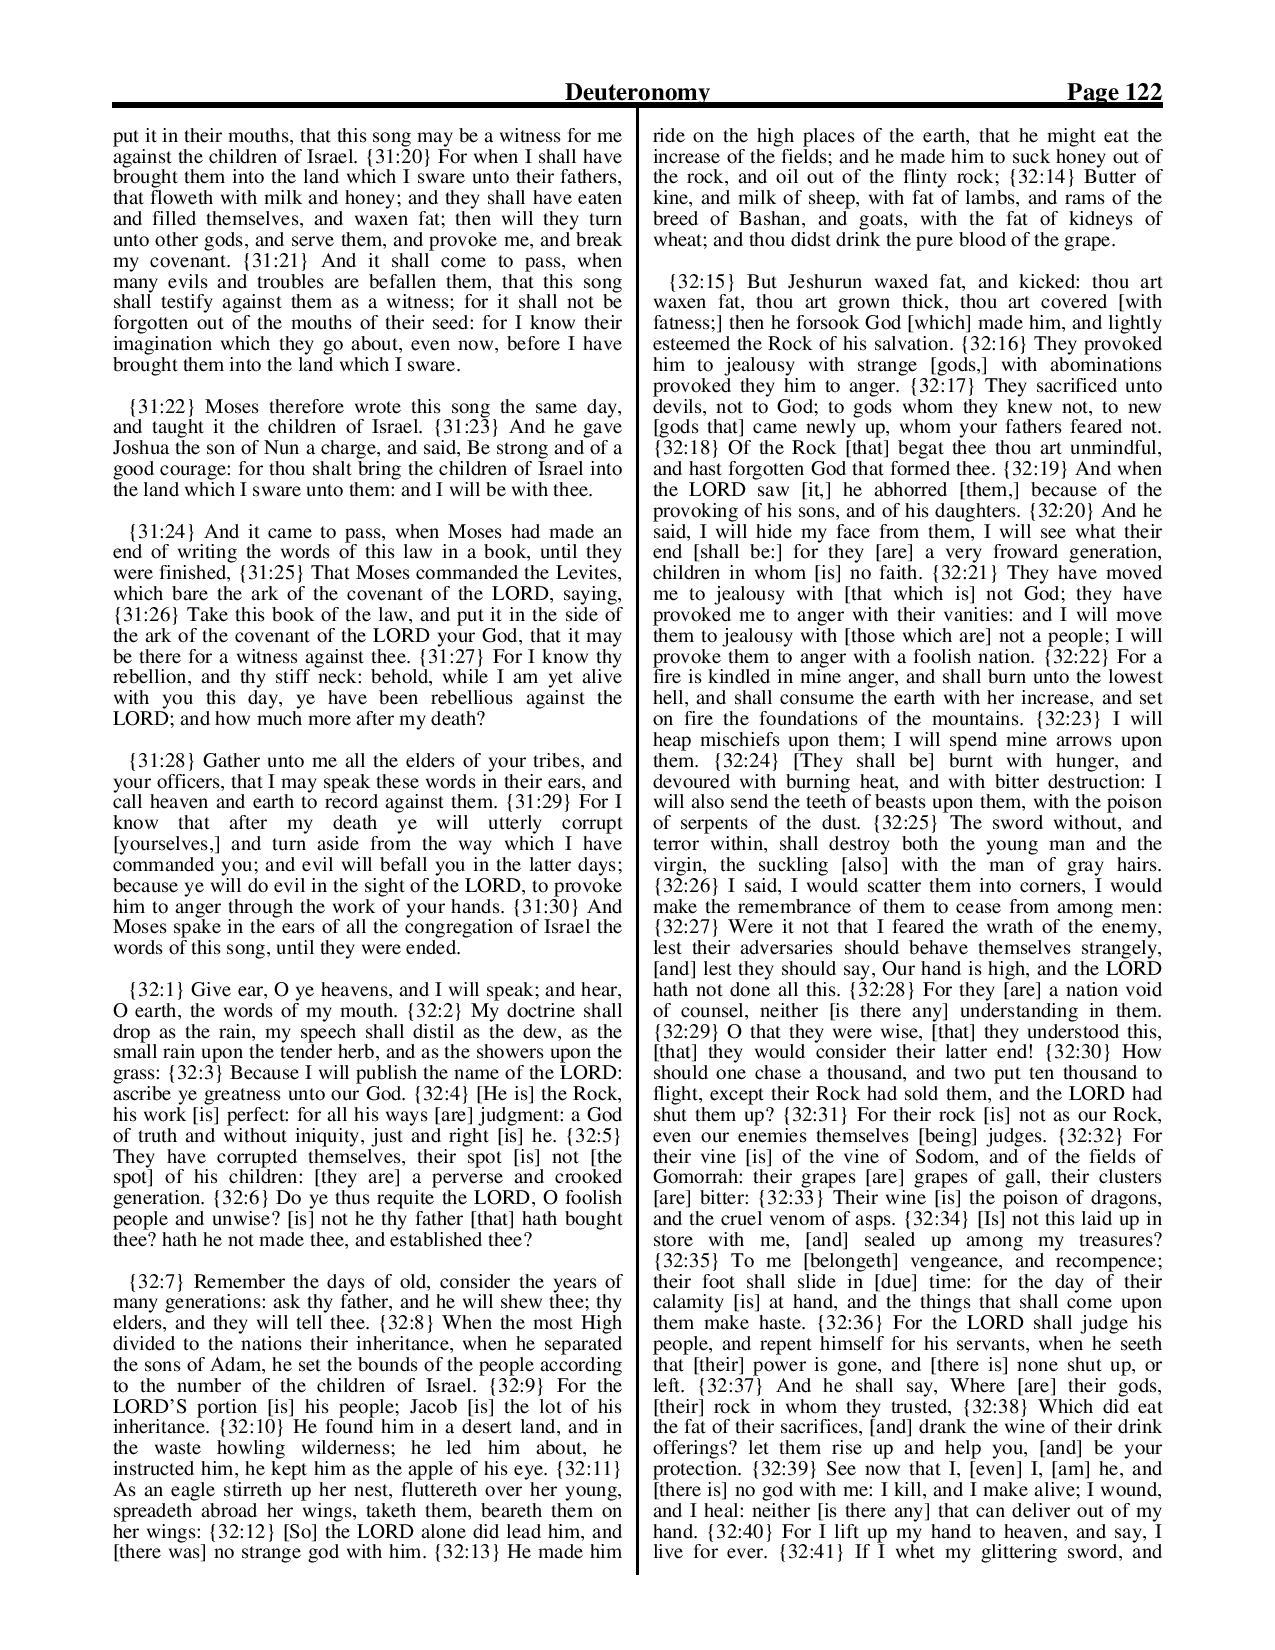 King-James-Bible-KJV-Bible-PDF-page-143